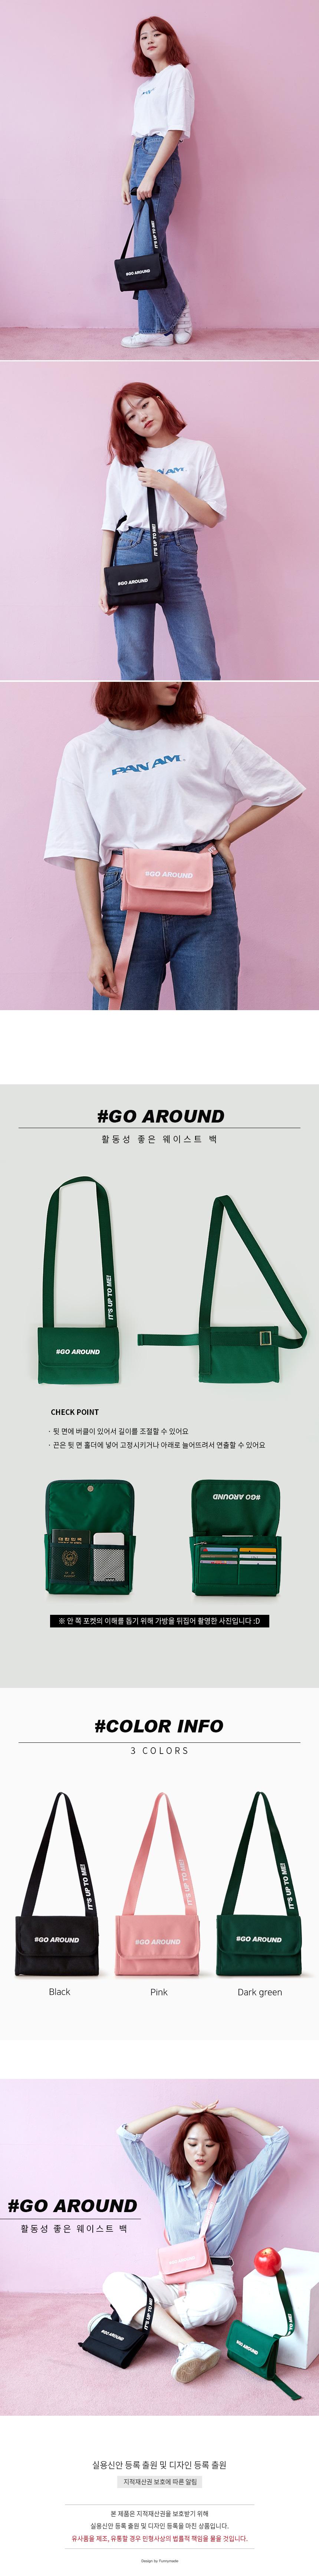 활동성 좋은 웨이스트백 - 퍼니메이드, 29,000원, 크로스/숄더백, 크로스백